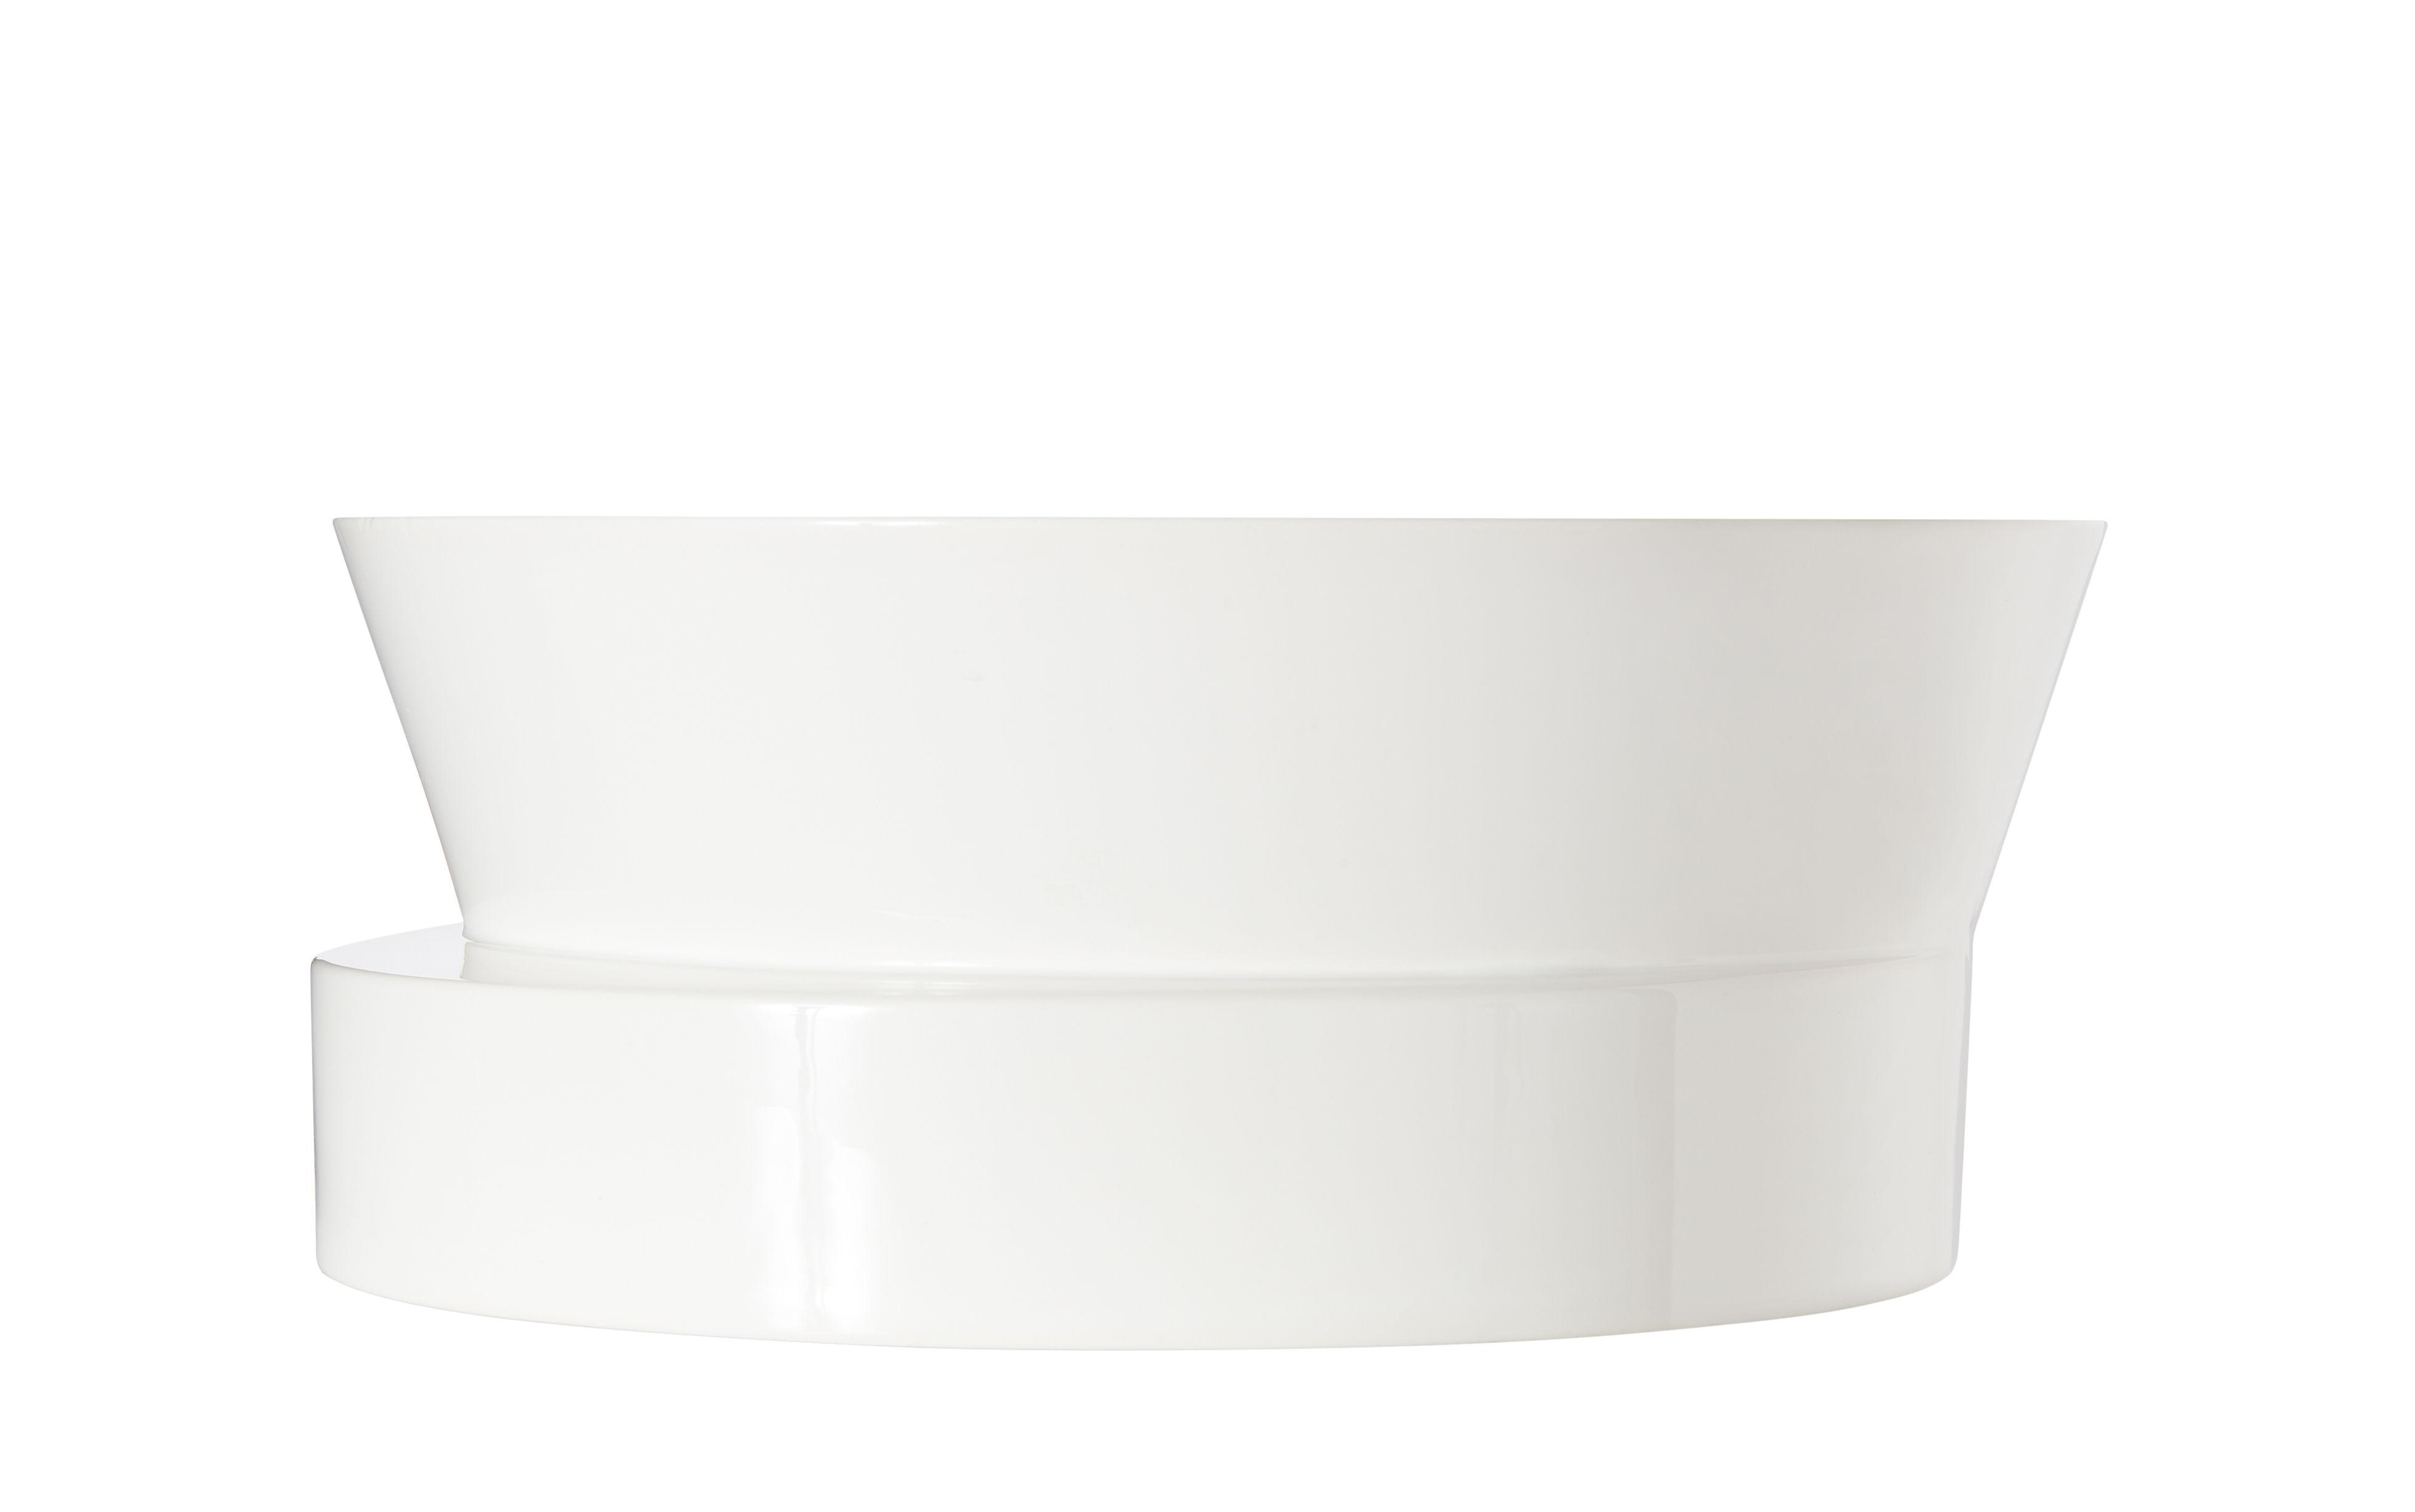 Tavola - Cesti, Fruttiere e Centrotavola - Coppa Block - / Ø 30 x H 12 cm di Tom Dixon - Bianco - Maiolica smaltata